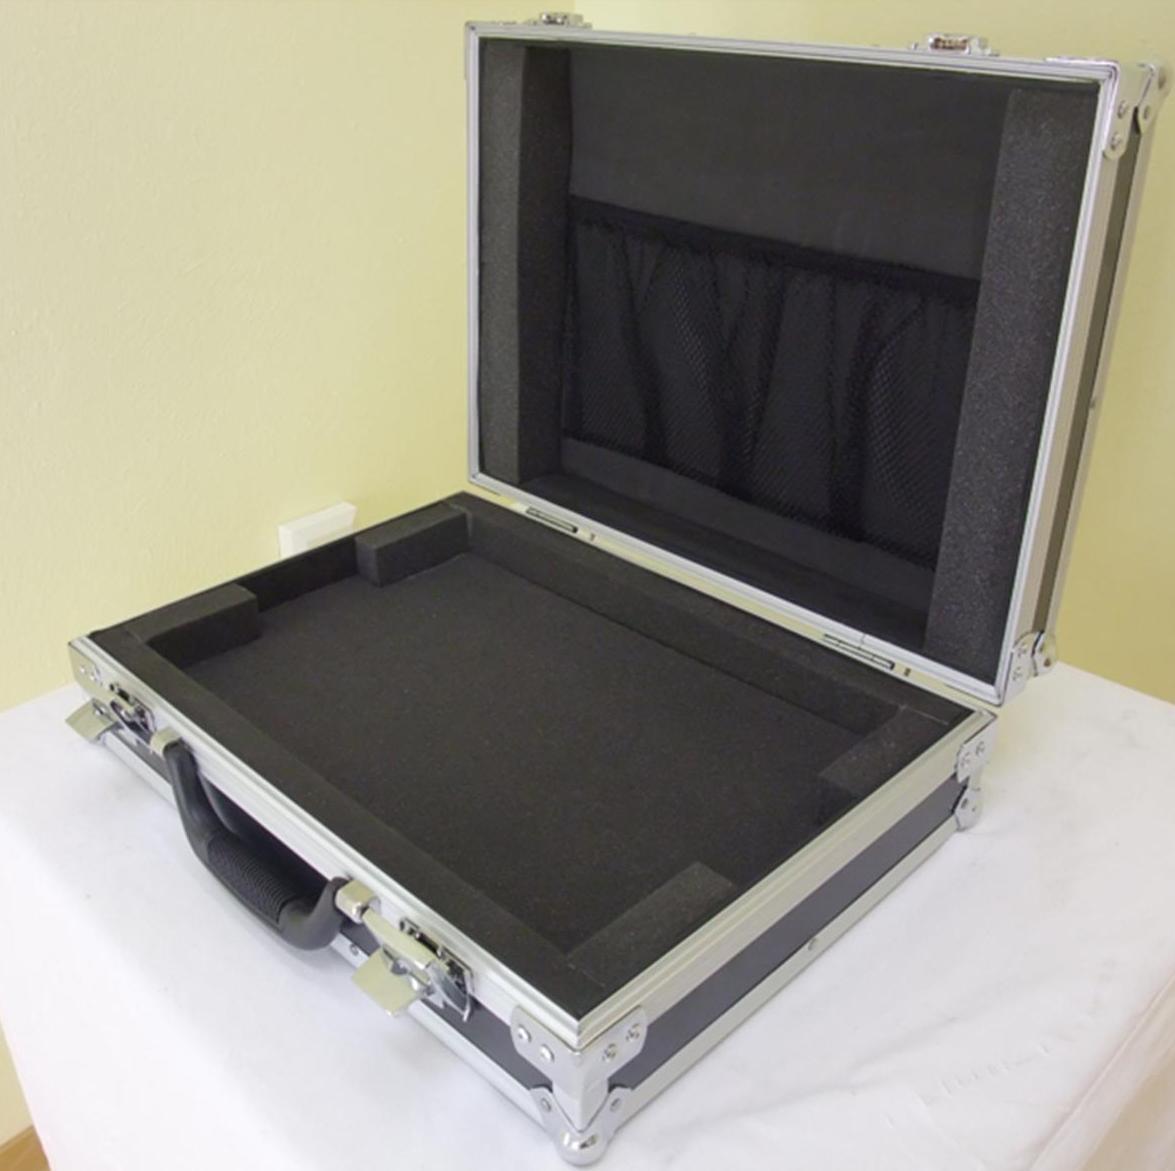 LC-15 Profi 15  Koffercase für Laptop bis 37 x 26 cm Laptop Notbook Koffer Case